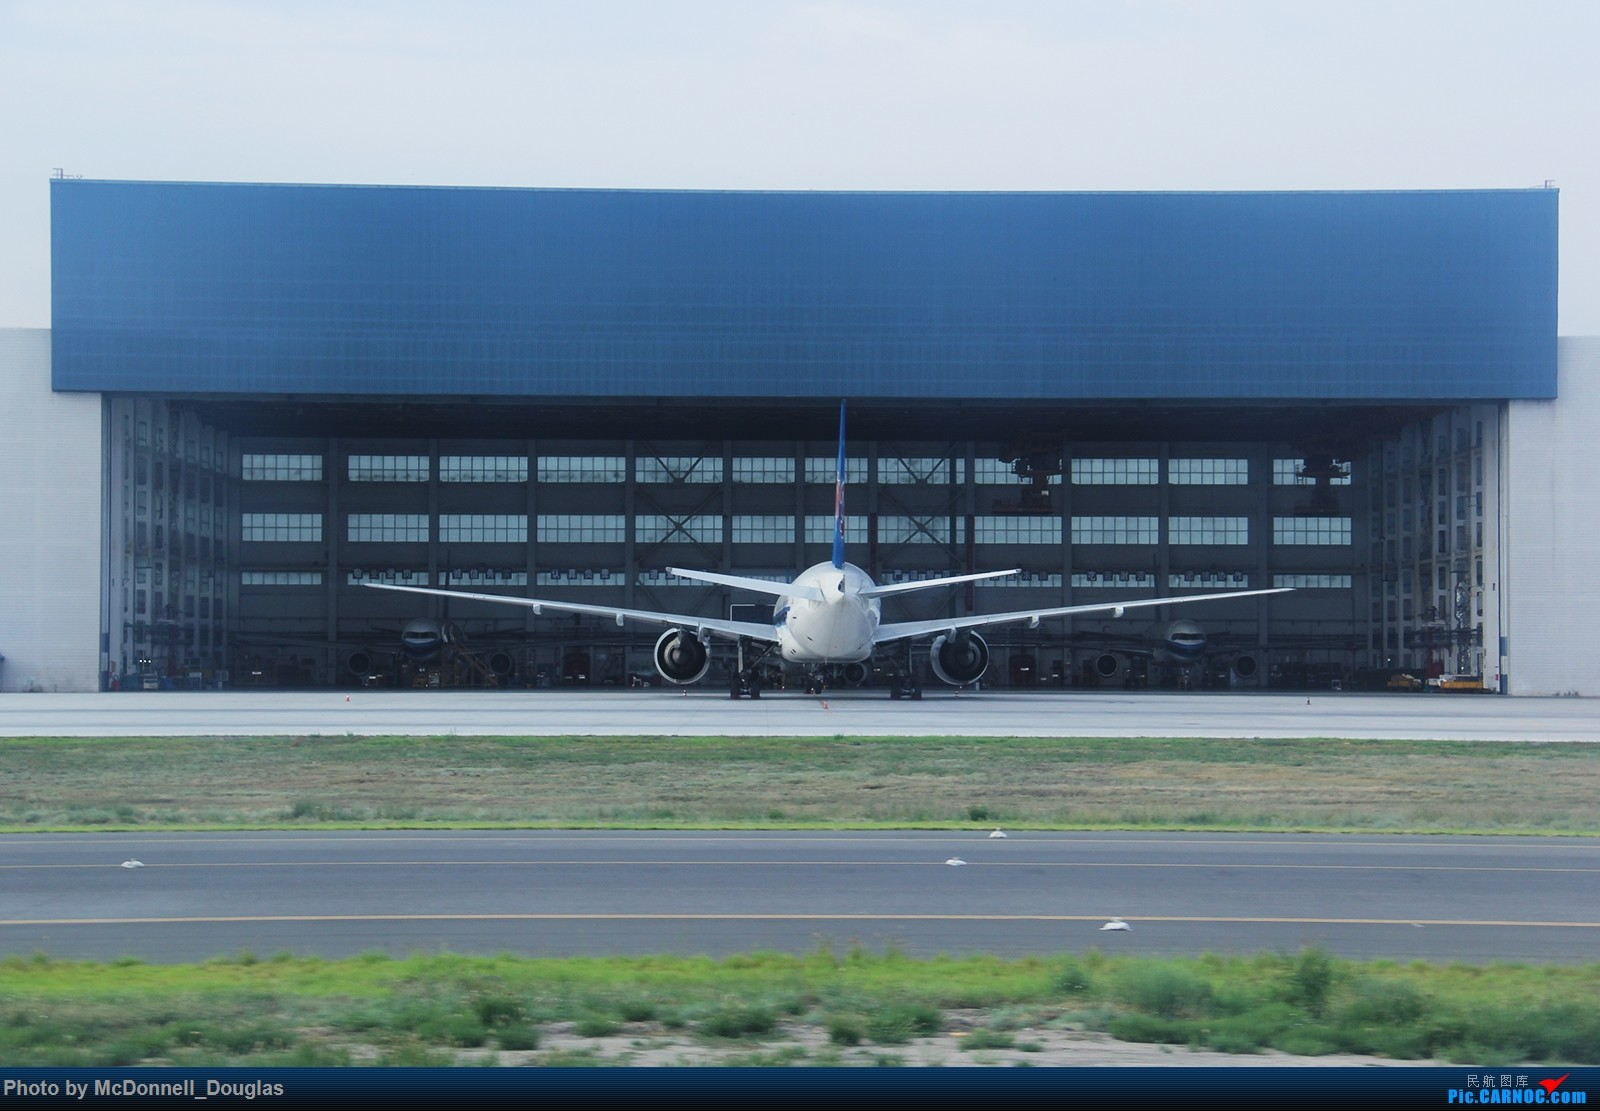 Re:[原创]【上海飞友会】【zc带你走天下(3)】再访祖辈年轻时工作的土地,父母年少时生活戈壁,跨越大半个中国去看新疆,回程小游蓉城(下) BOEING 777-21B B-2054 中国乌鲁木齐地窝堡国际机场